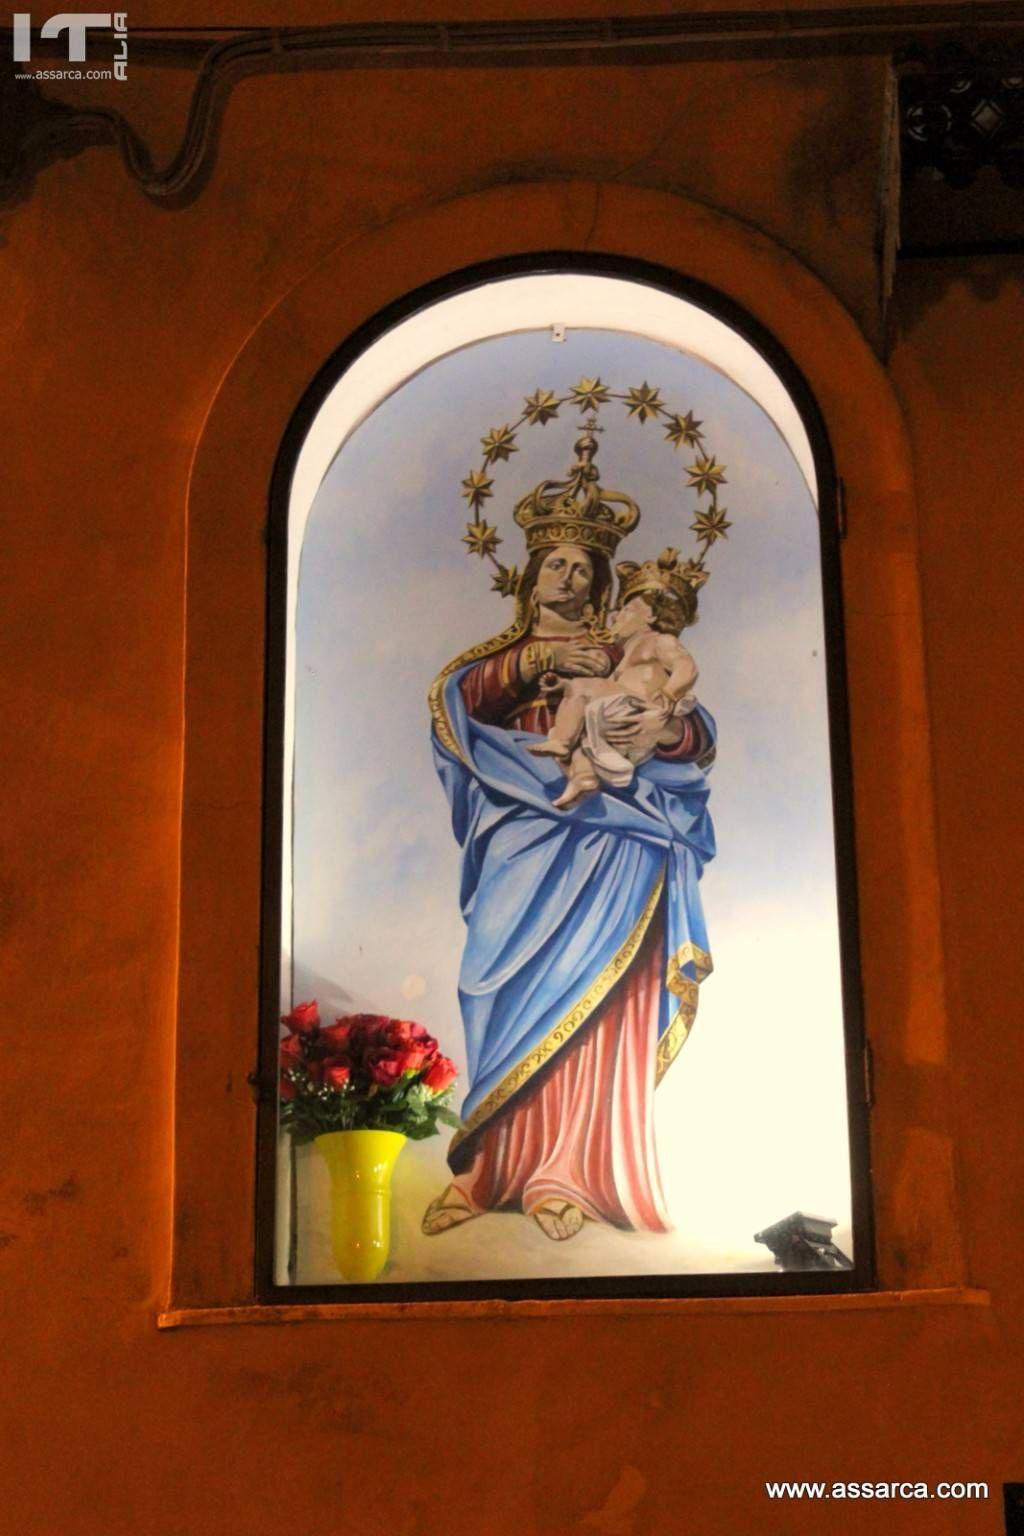 Dipinto della Madonna delle Grazie,realizzato da Nino Iovino.